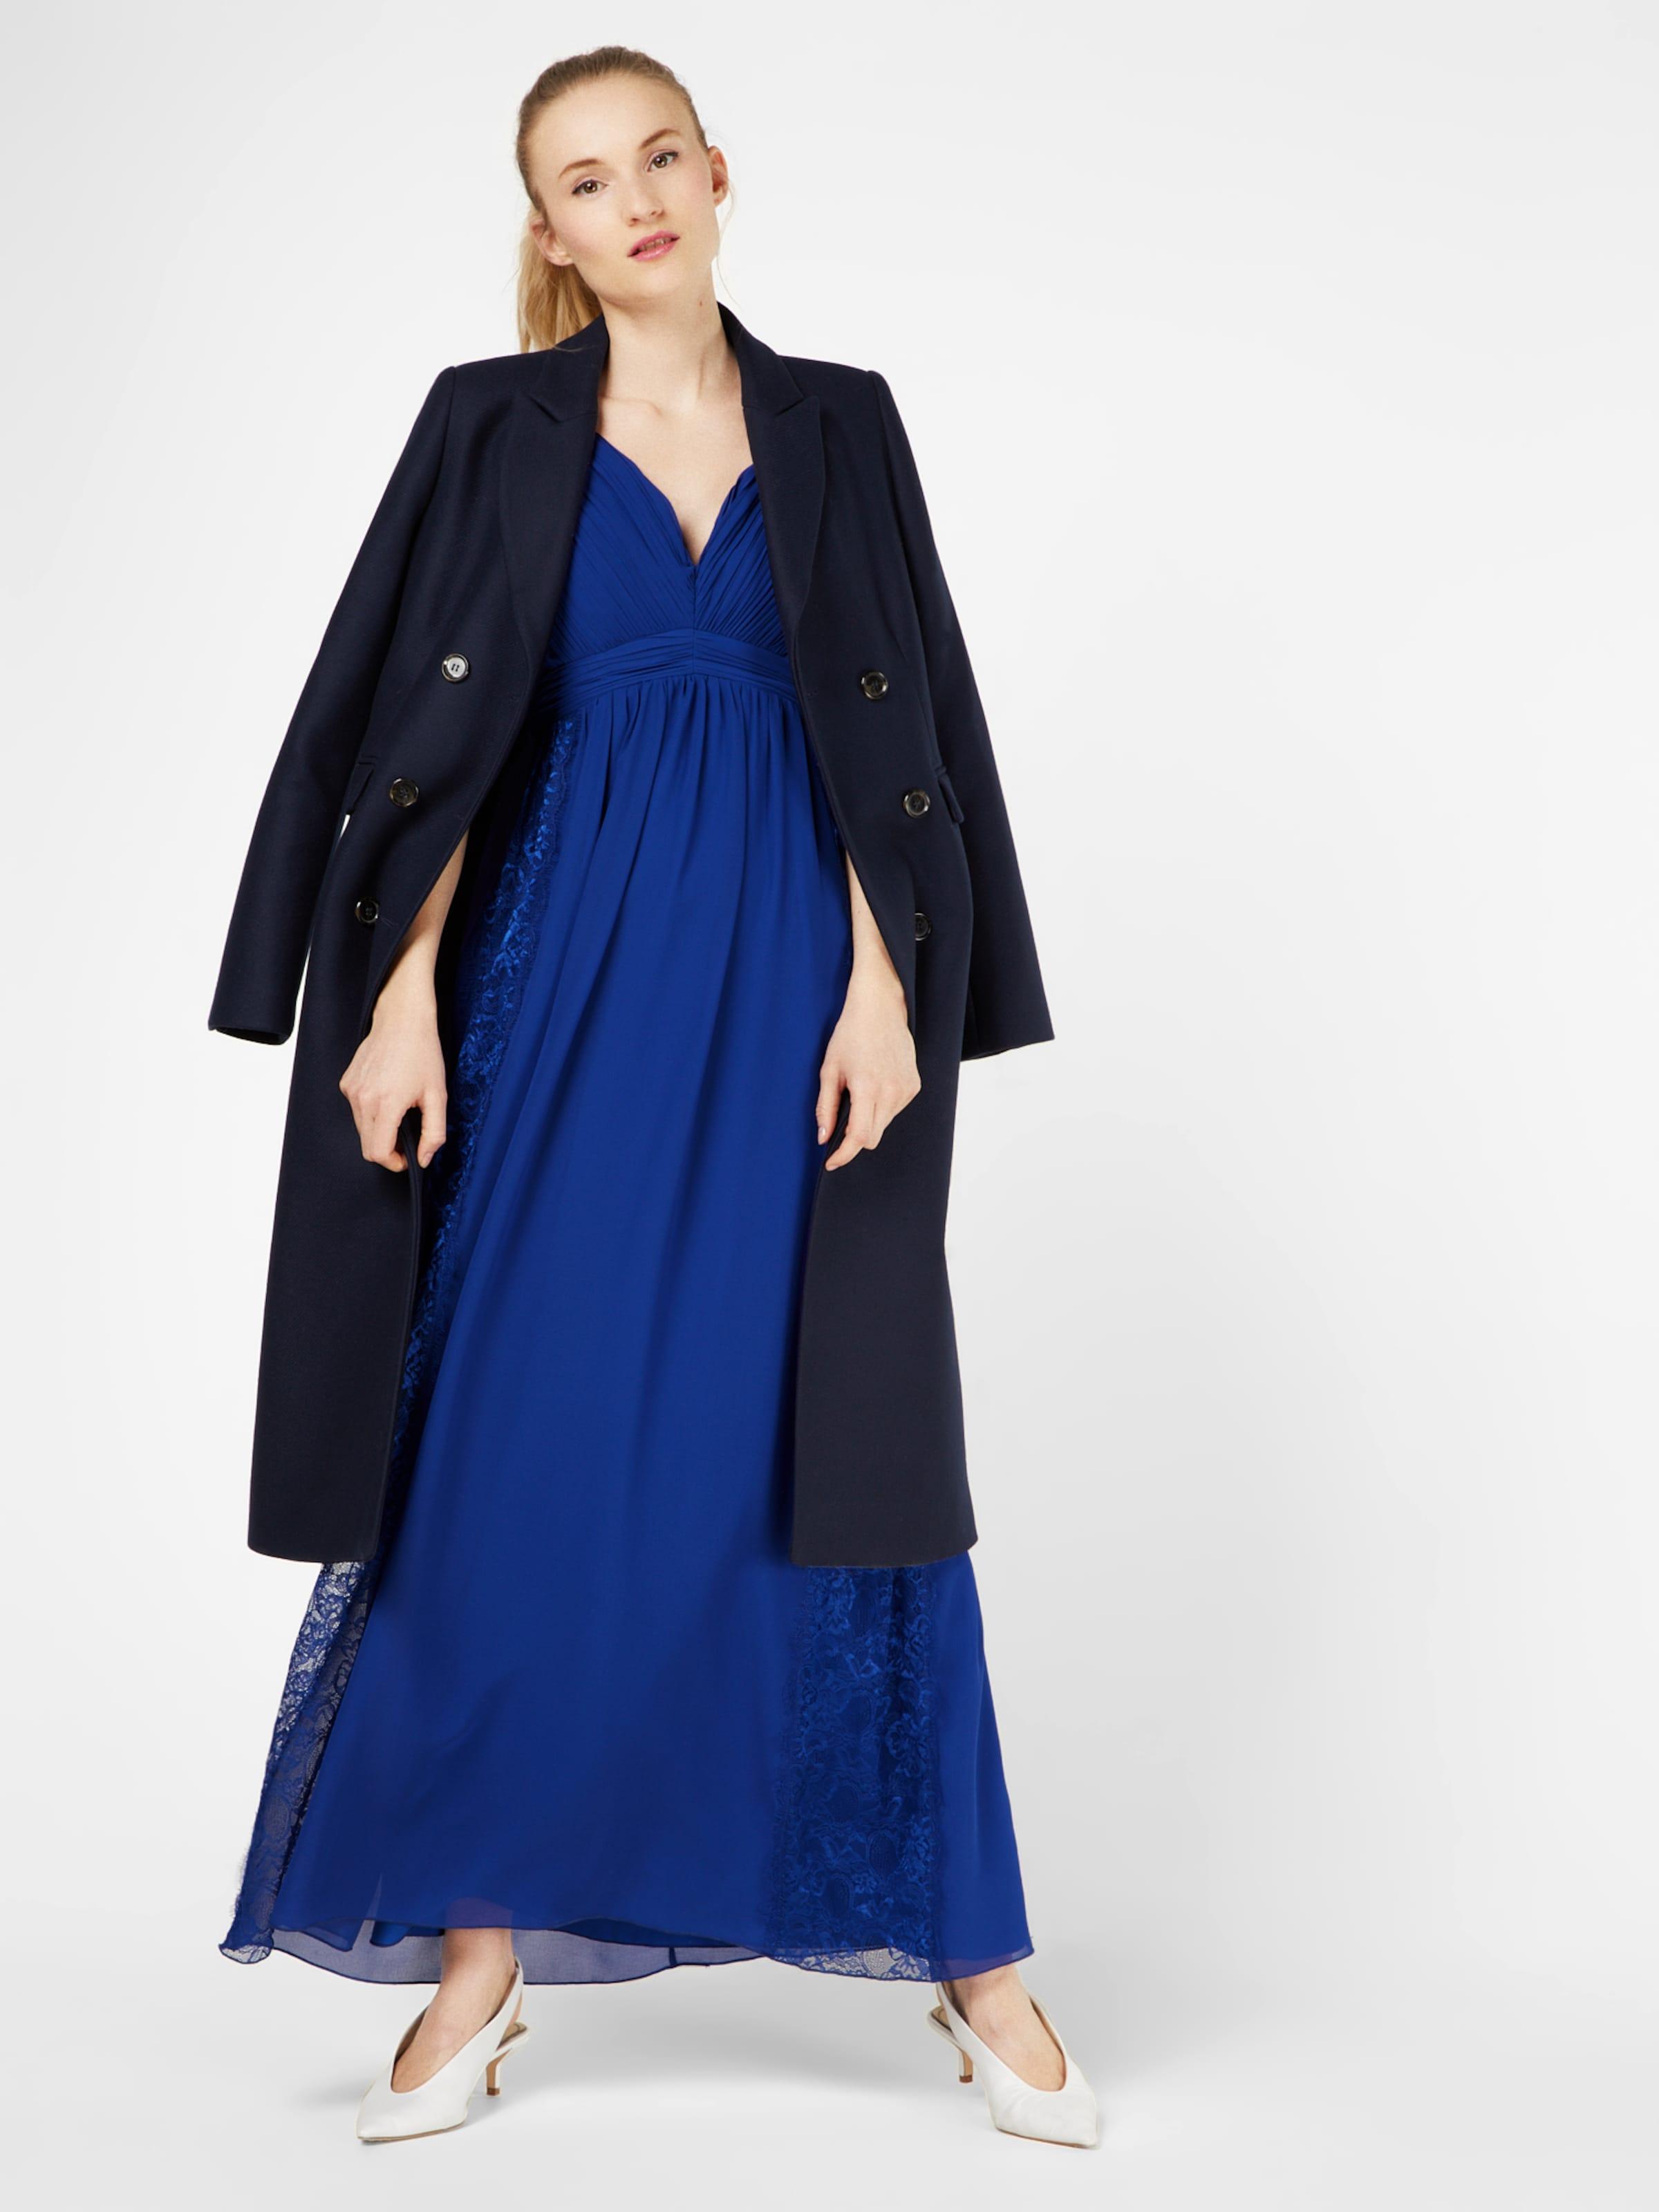 Little Abendkleid Abendkleid Blau Mistress Blau In In Little Mistress qSzpUMV